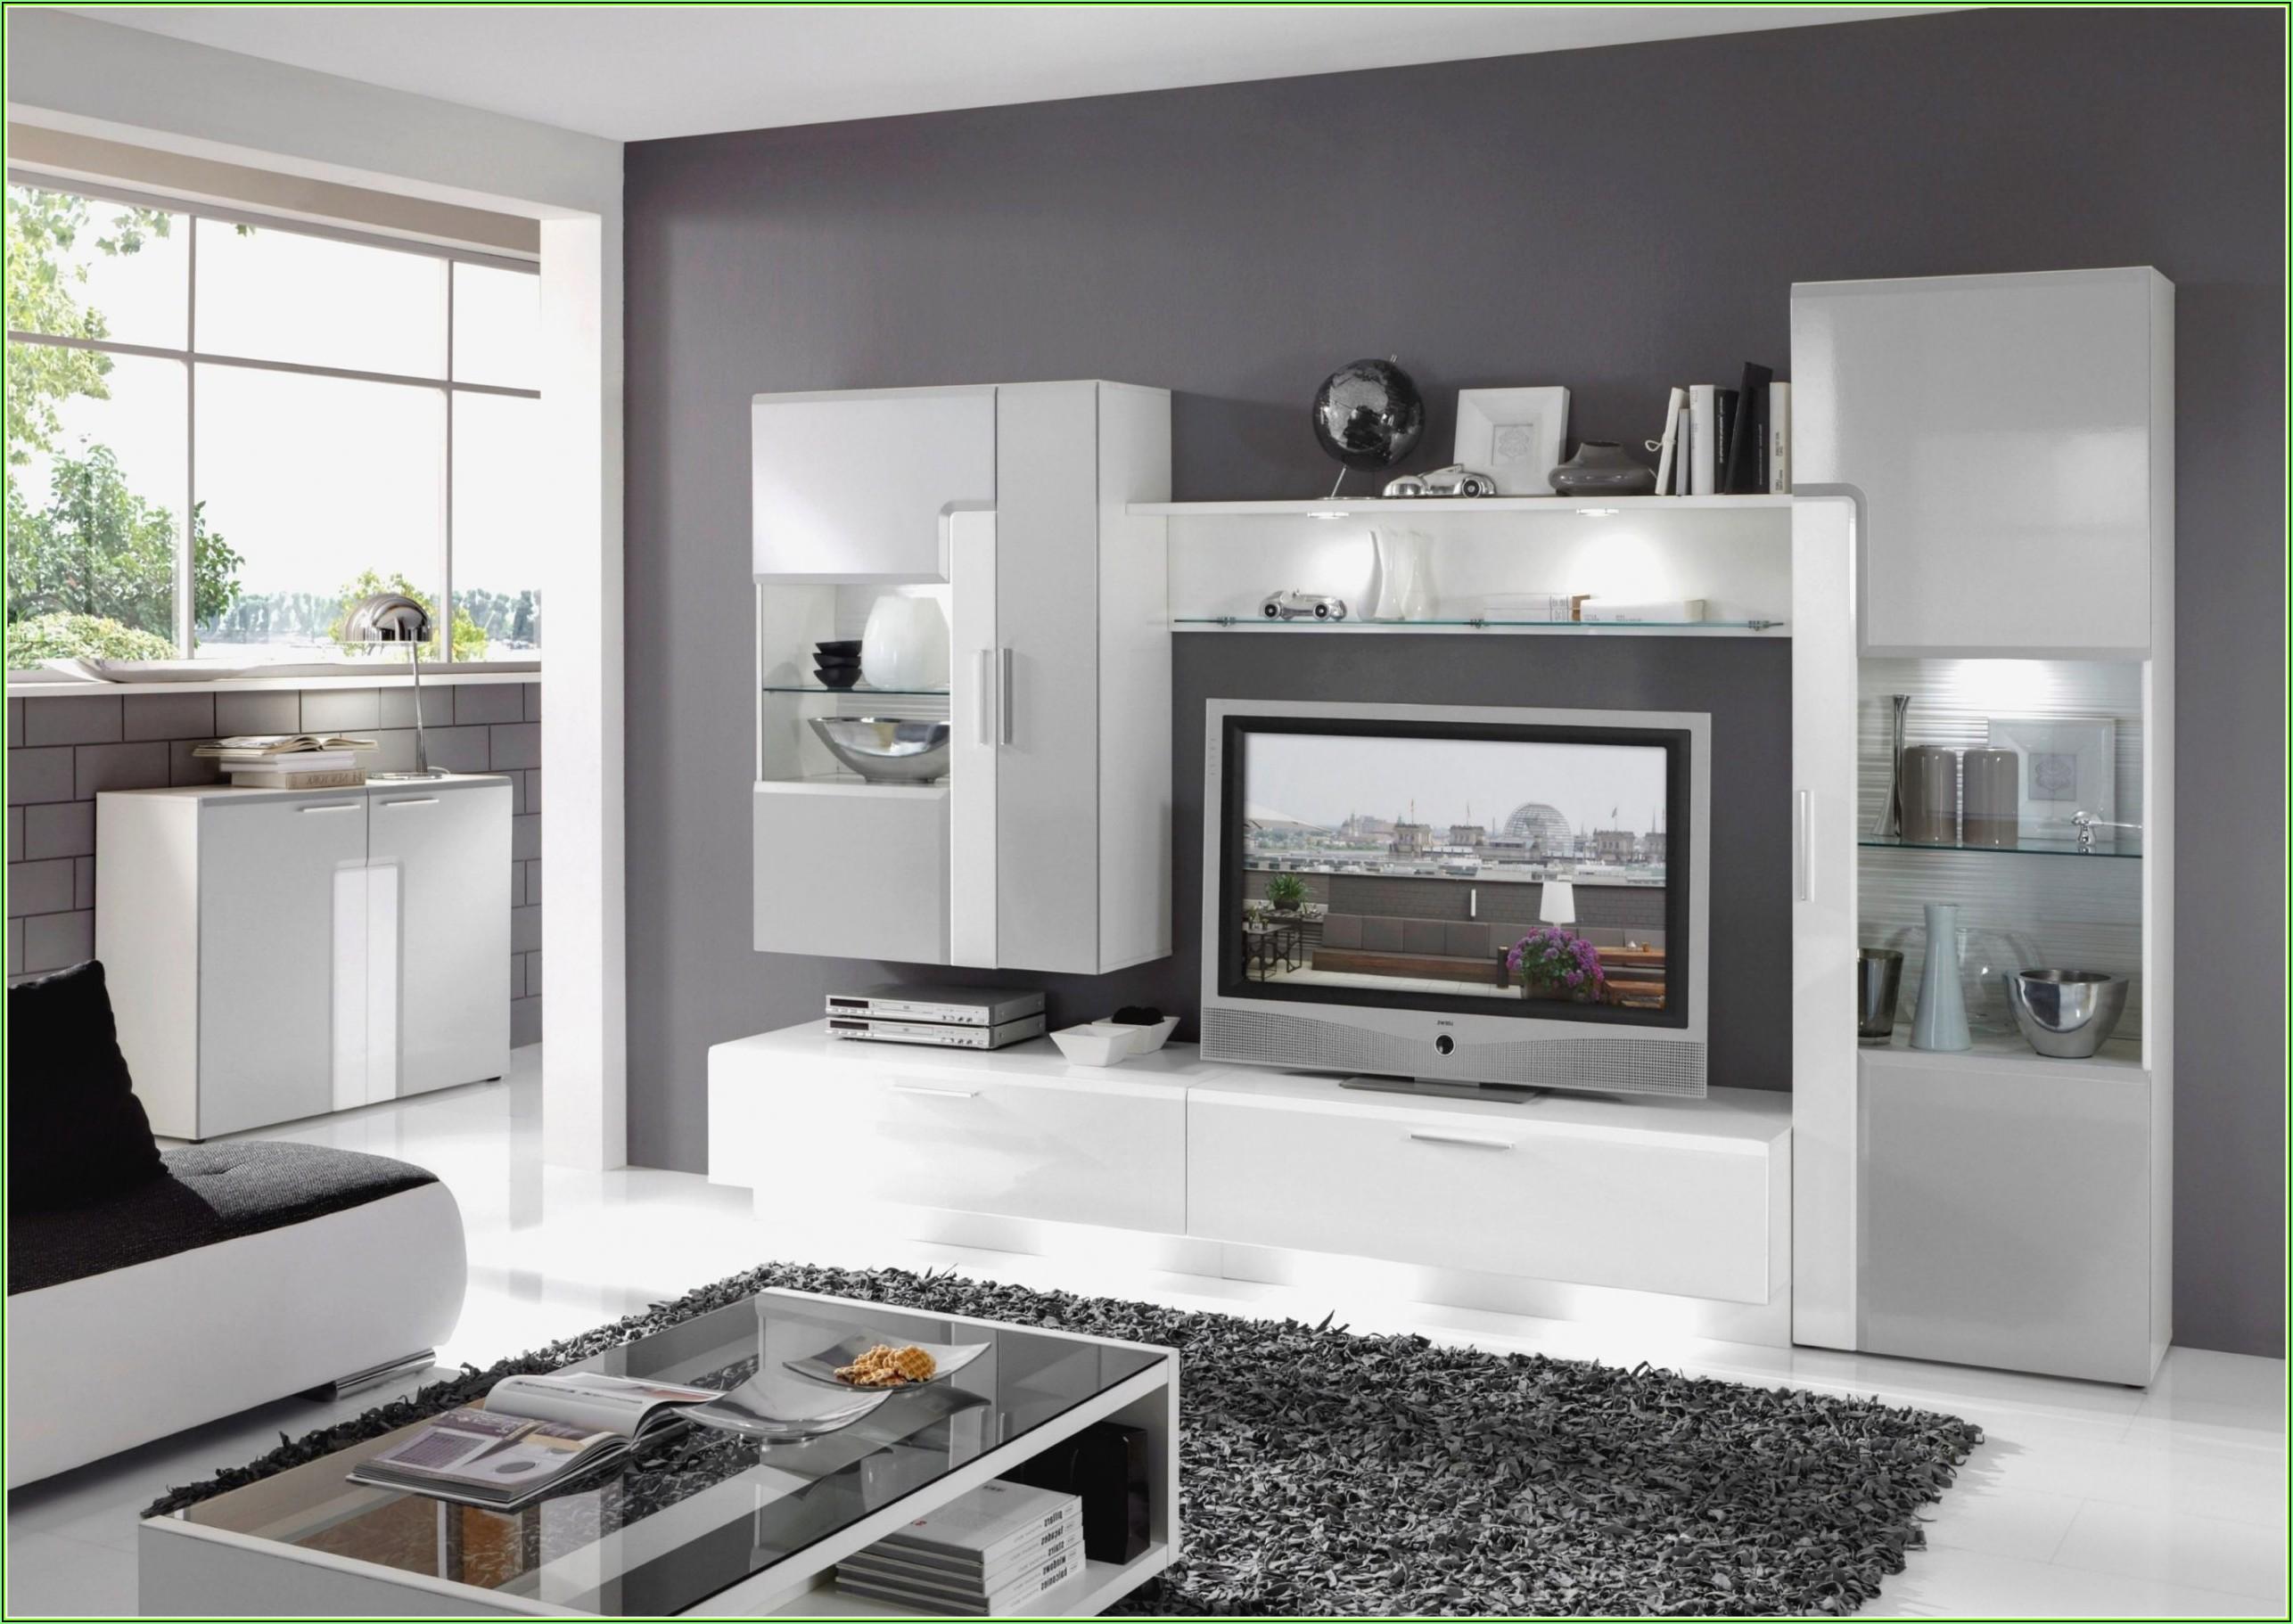 Bilder Wohnzimmer Ebay